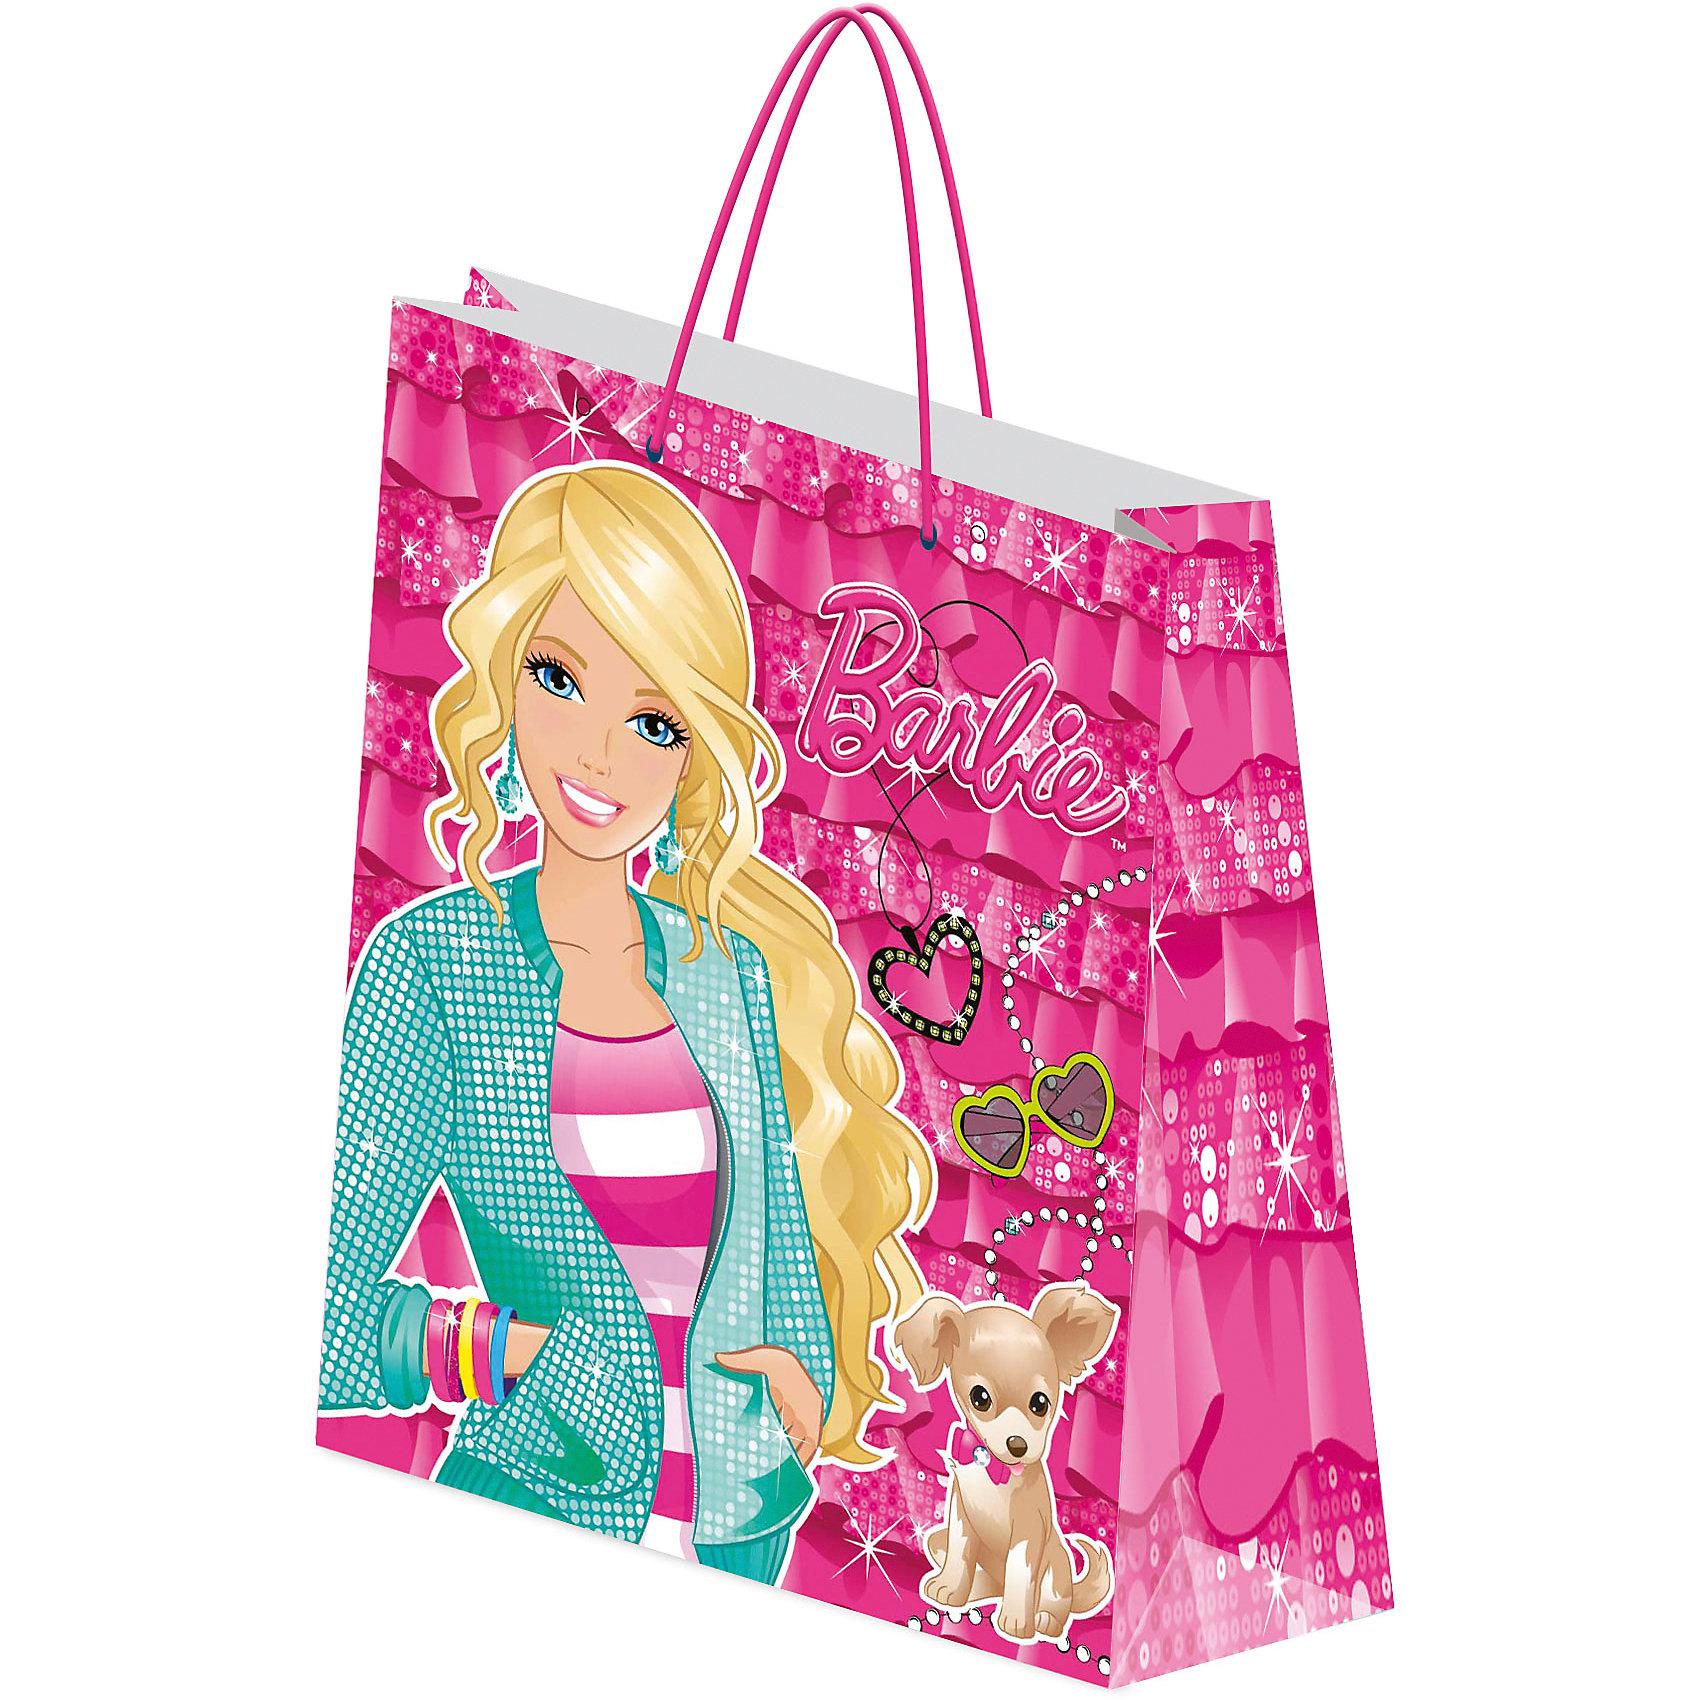 Пакет подарочный 28*34*9 см, BarbieХарактеристики подарочного пакета, Barbie:<br><br>- возраст: от 3 лет<br>- пол: для девочек<br>- материал: картон <br>- размер игрушки: 28*34*9 см.<br>- страна обладатель бренда: Россия.<br><br>Яркий пакет с очаровательной Барби великолепно украсит любой подарок для Вашей малышки. Подарочный бумажный пакет Barbie имеет бумажные ручки и декорирован ярким принтом.<br><br>Пакет подарочный, Barbie можно купить в нашем интернет-магазине.<br><br>Ширина мм: 280<br>Глубина мм: 90<br>Высота мм: 340<br>Вес г: 62<br>Возраст от месяцев: 96<br>Возраст до месяцев: 108<br>Пол: Женский<br>Возраст: Детский<br>SKU: 5218404